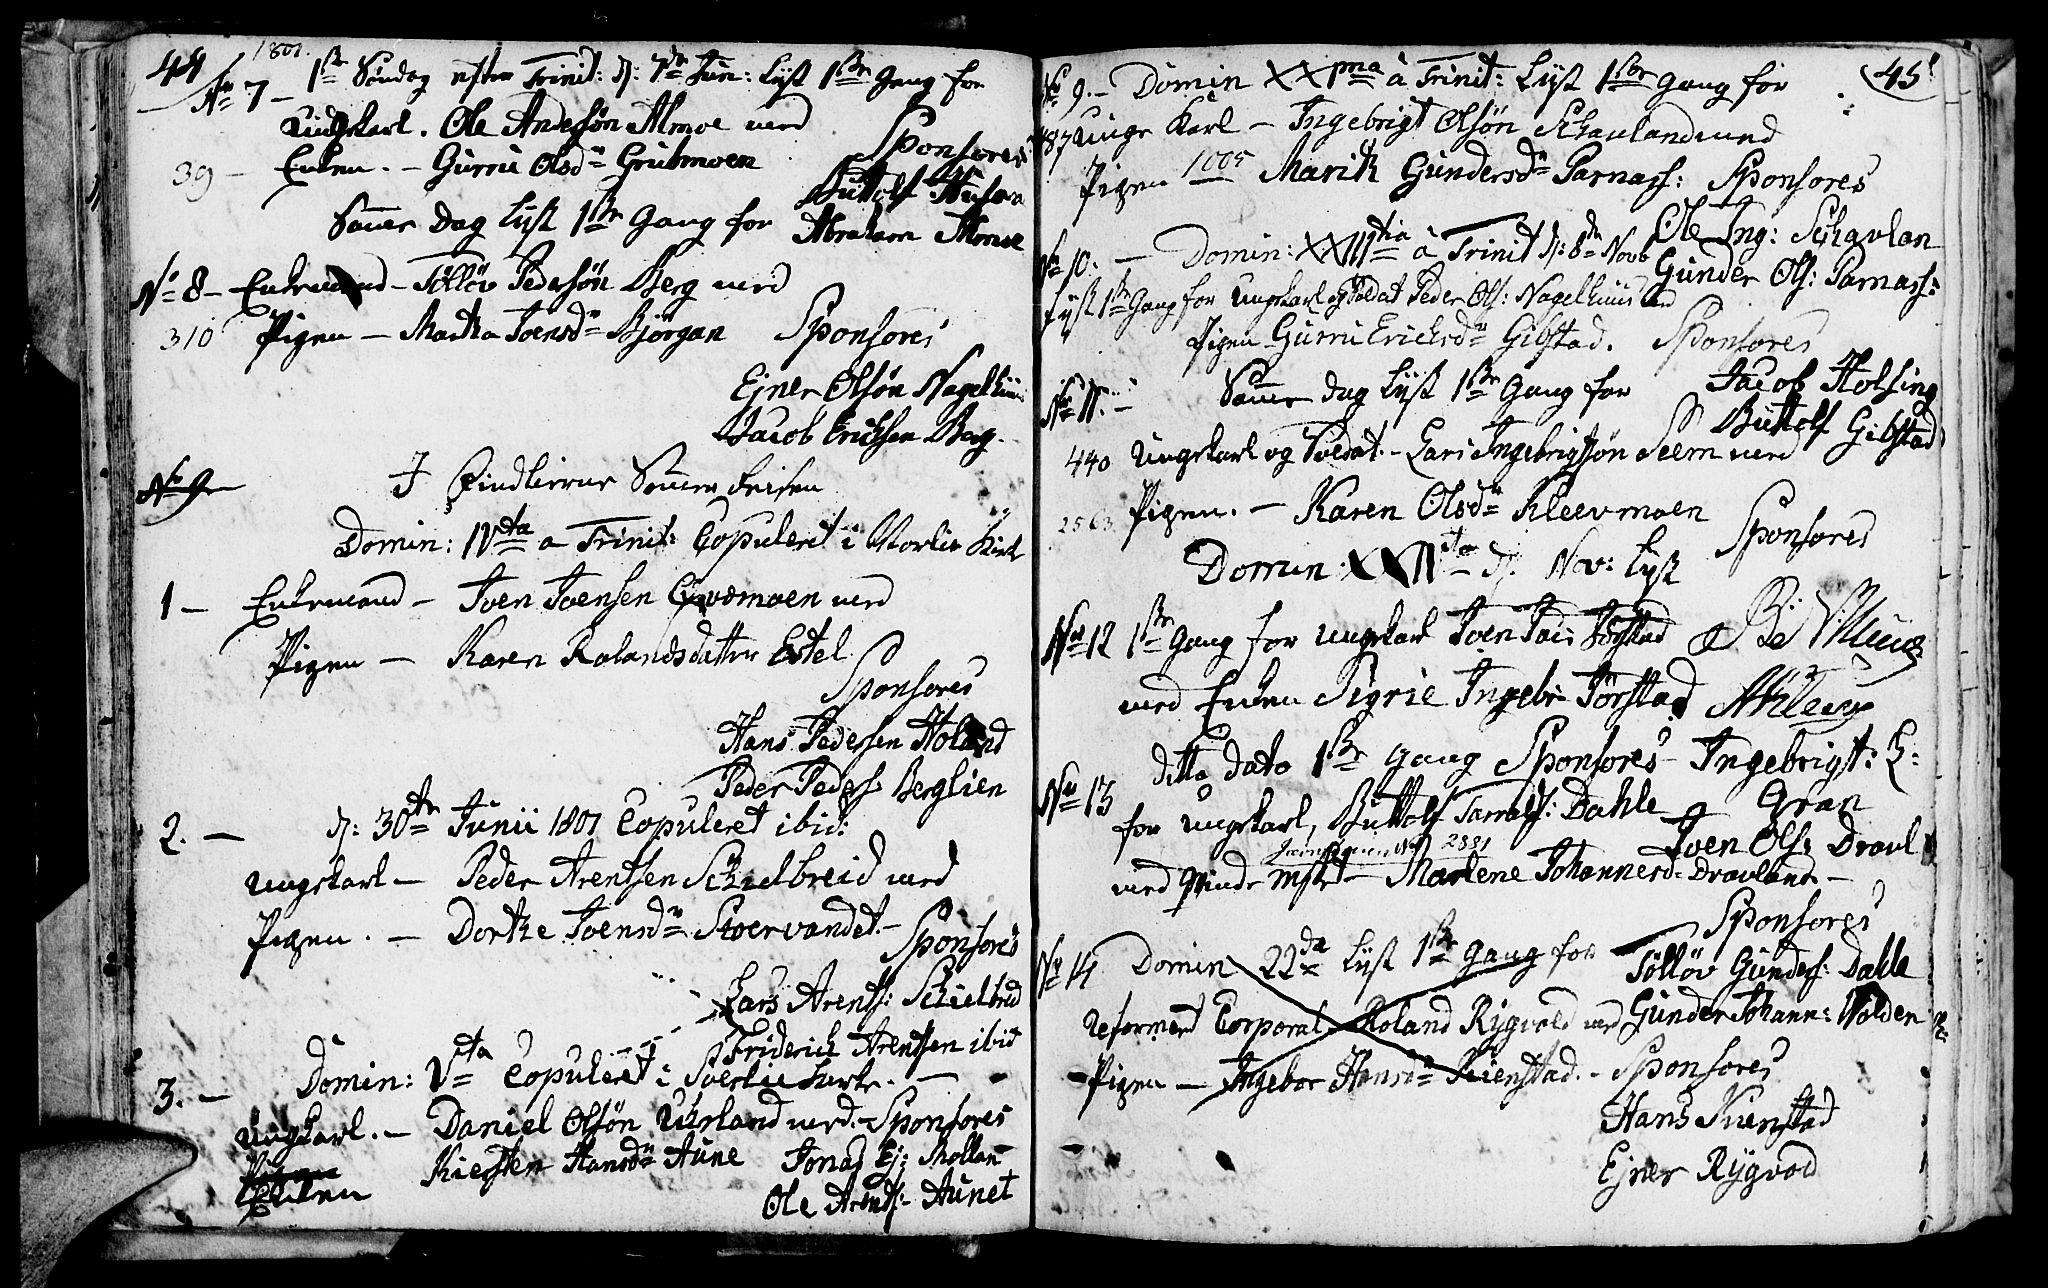 SAT, Ministerialprotokoller, klokkerbøker og fødselsregistre - Nord-Trøndelag, 749/L0468: Ministerialbok nr. 749A02, 1787-1817, s. 44-45